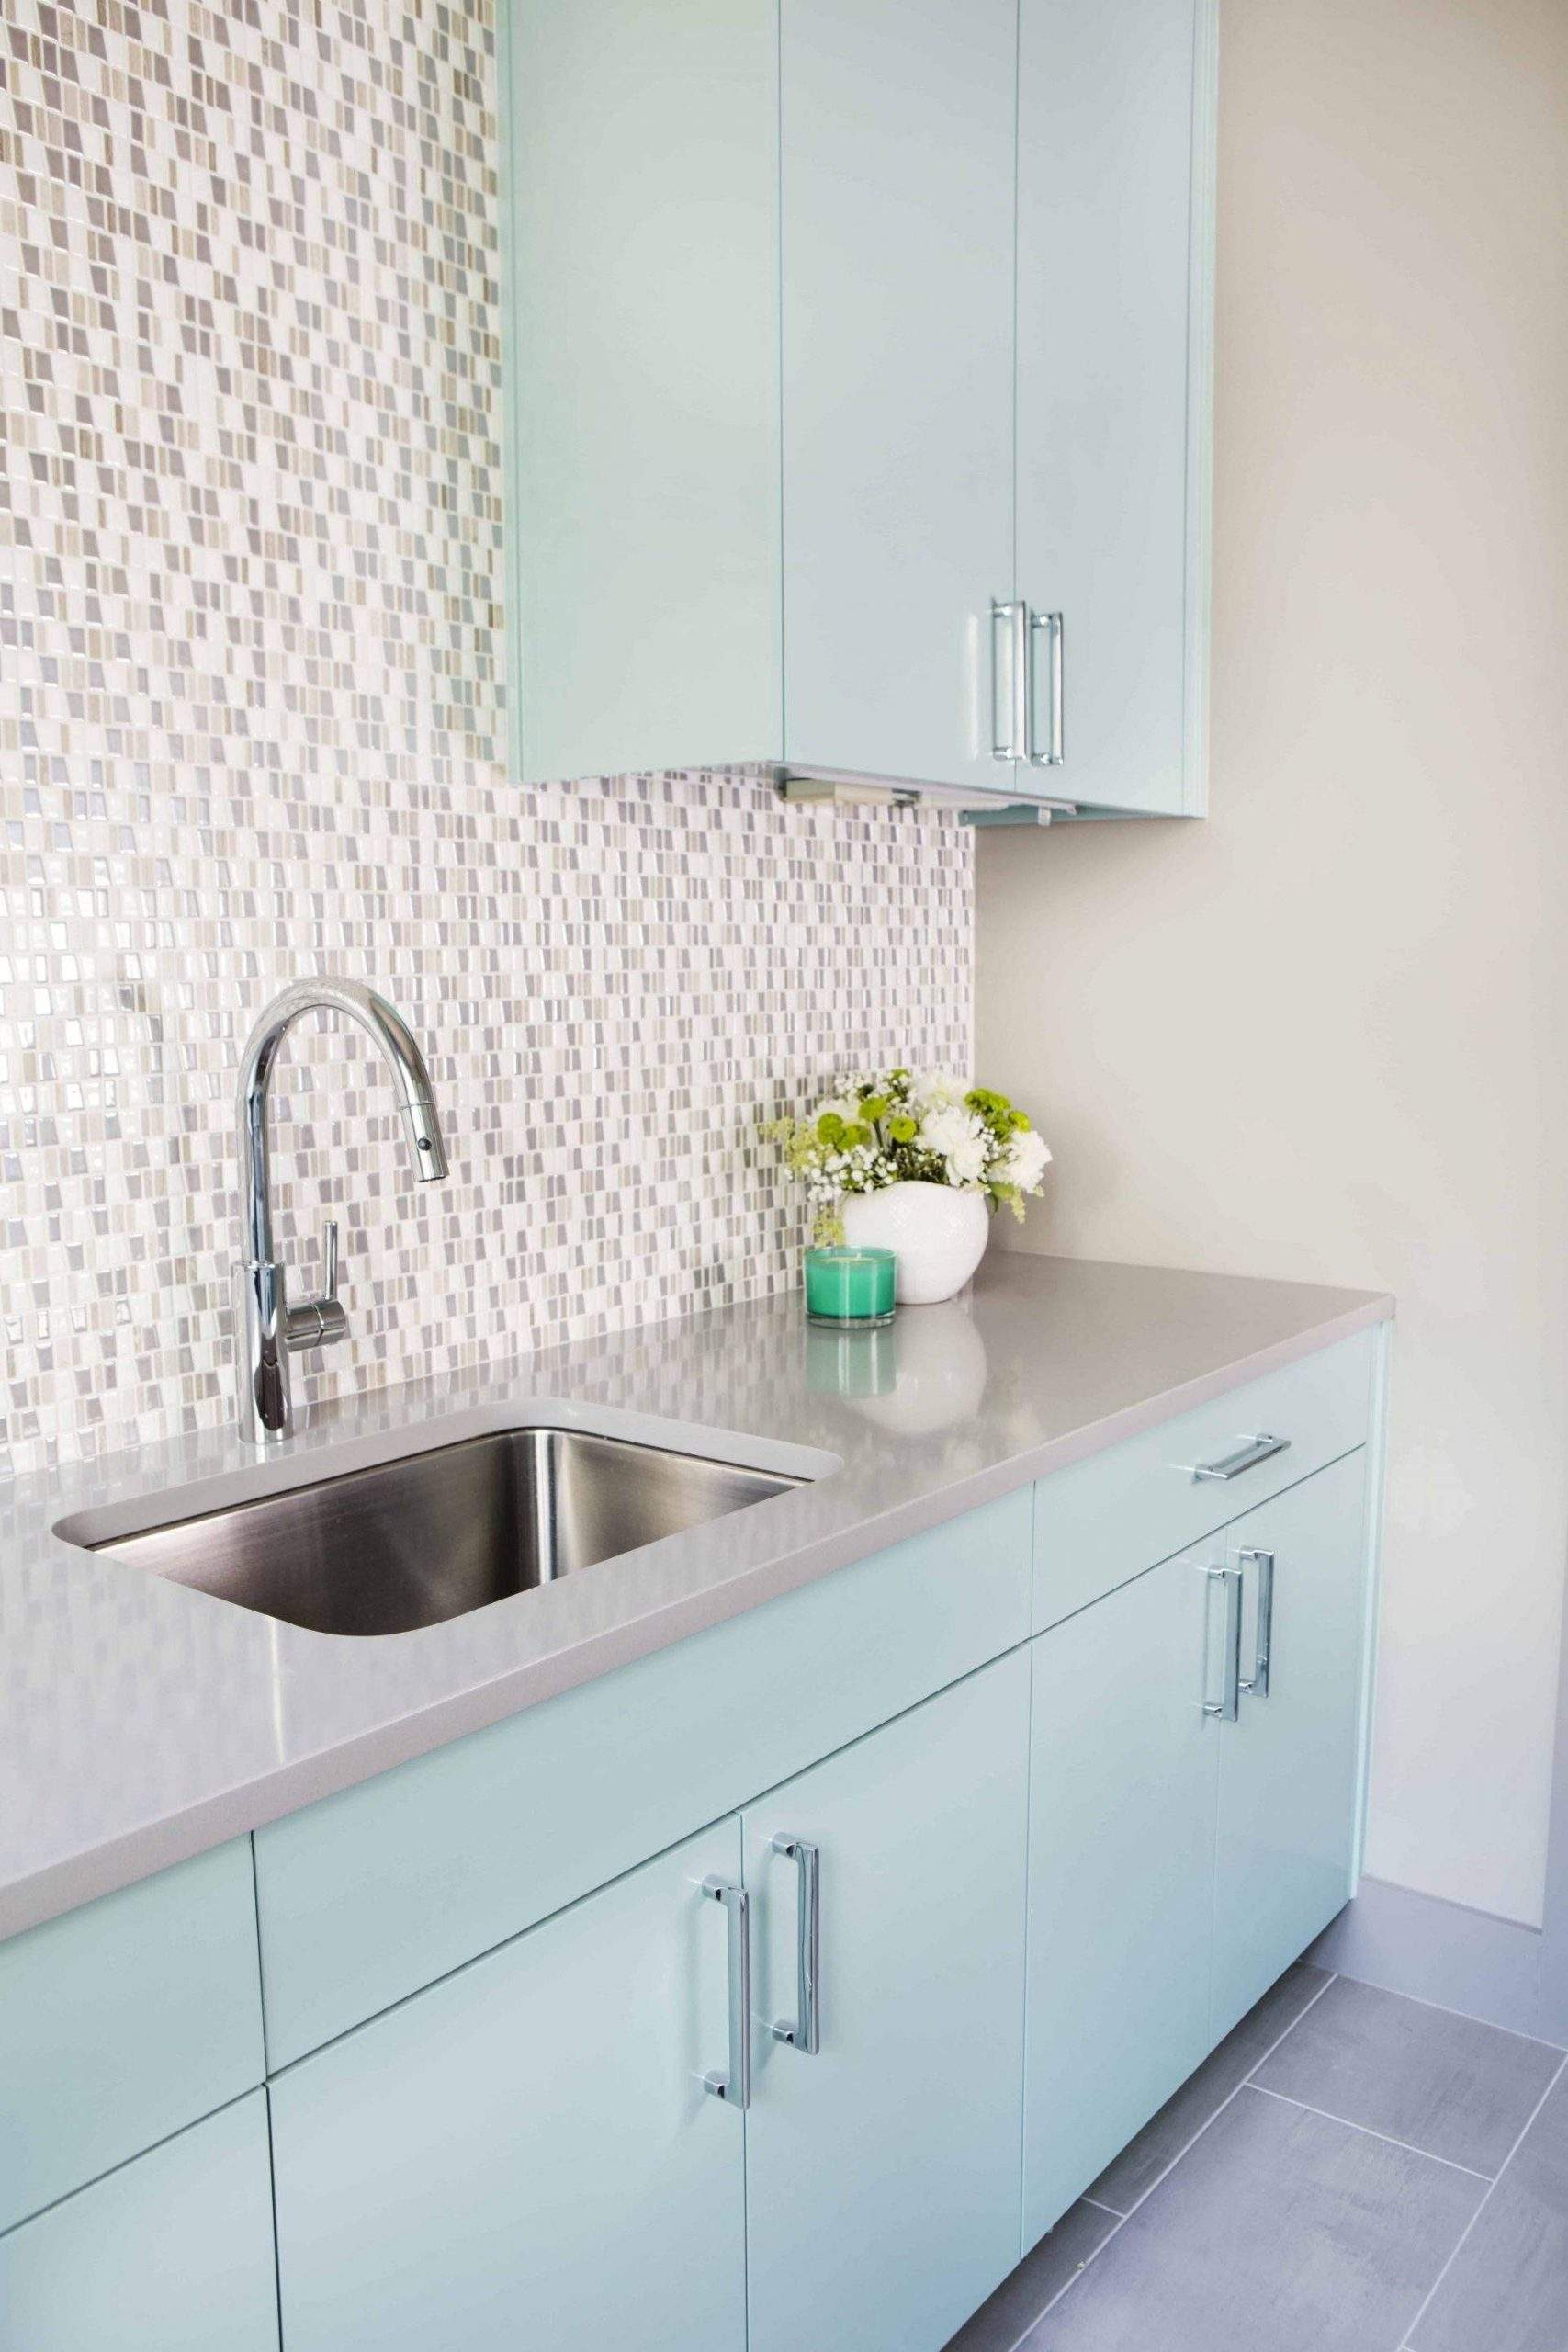 Interior Design, Sink with light blue cabinets, Etch Interior Design, Austin, Texas